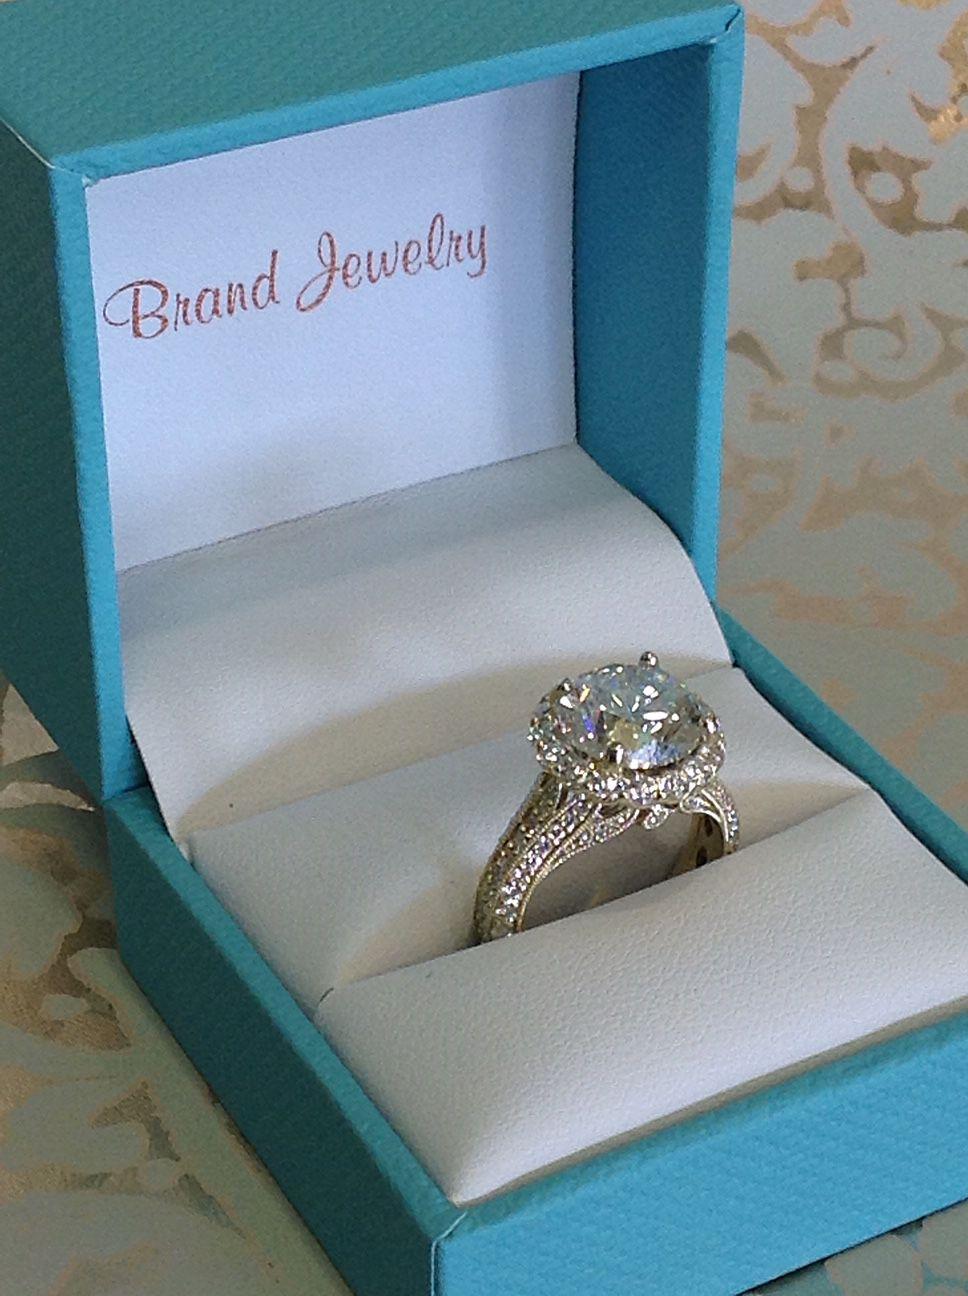 Brand Jewelry 1.JPG